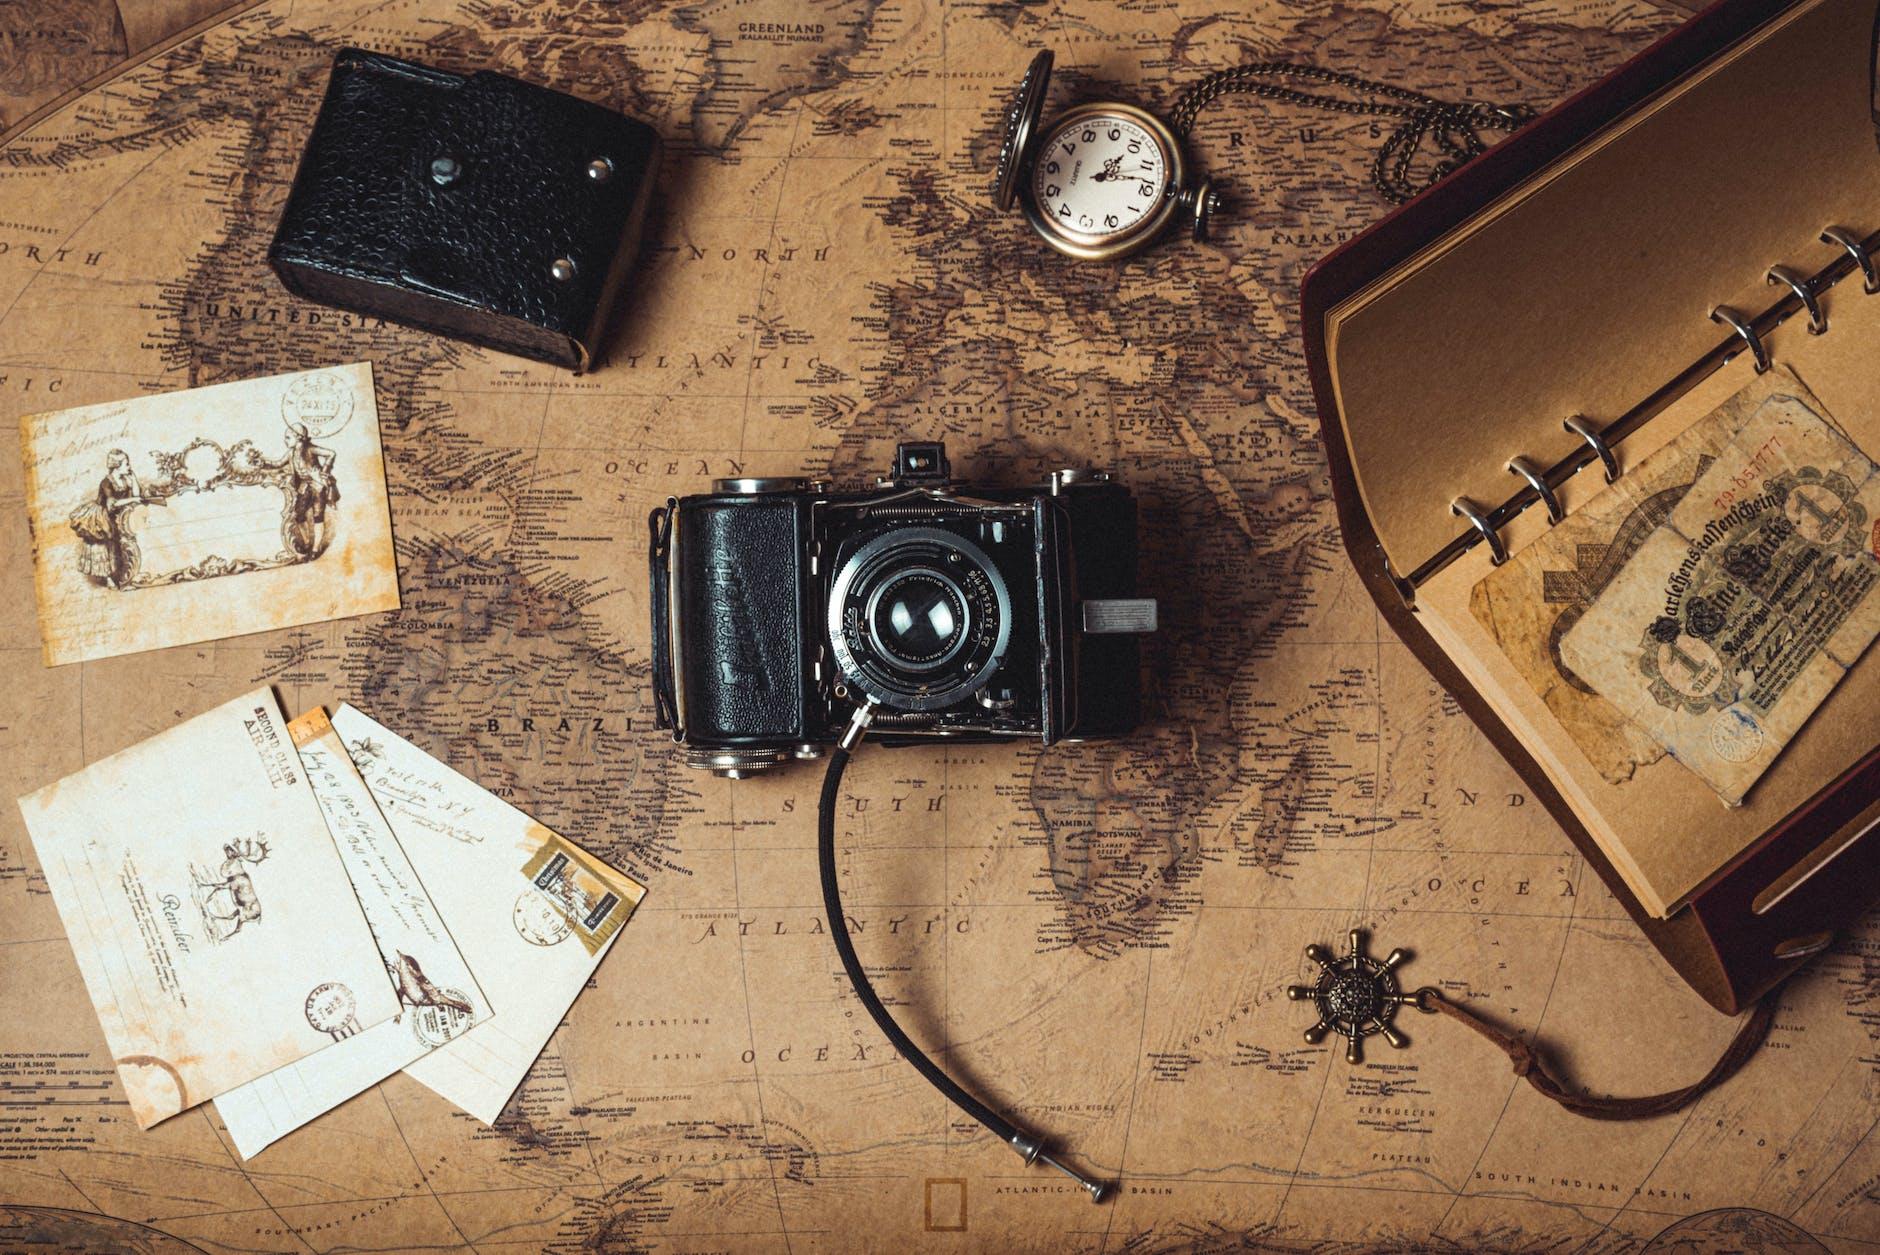 環遊歐洲一整圈 / 不藏私最隨心的路線告訴你!